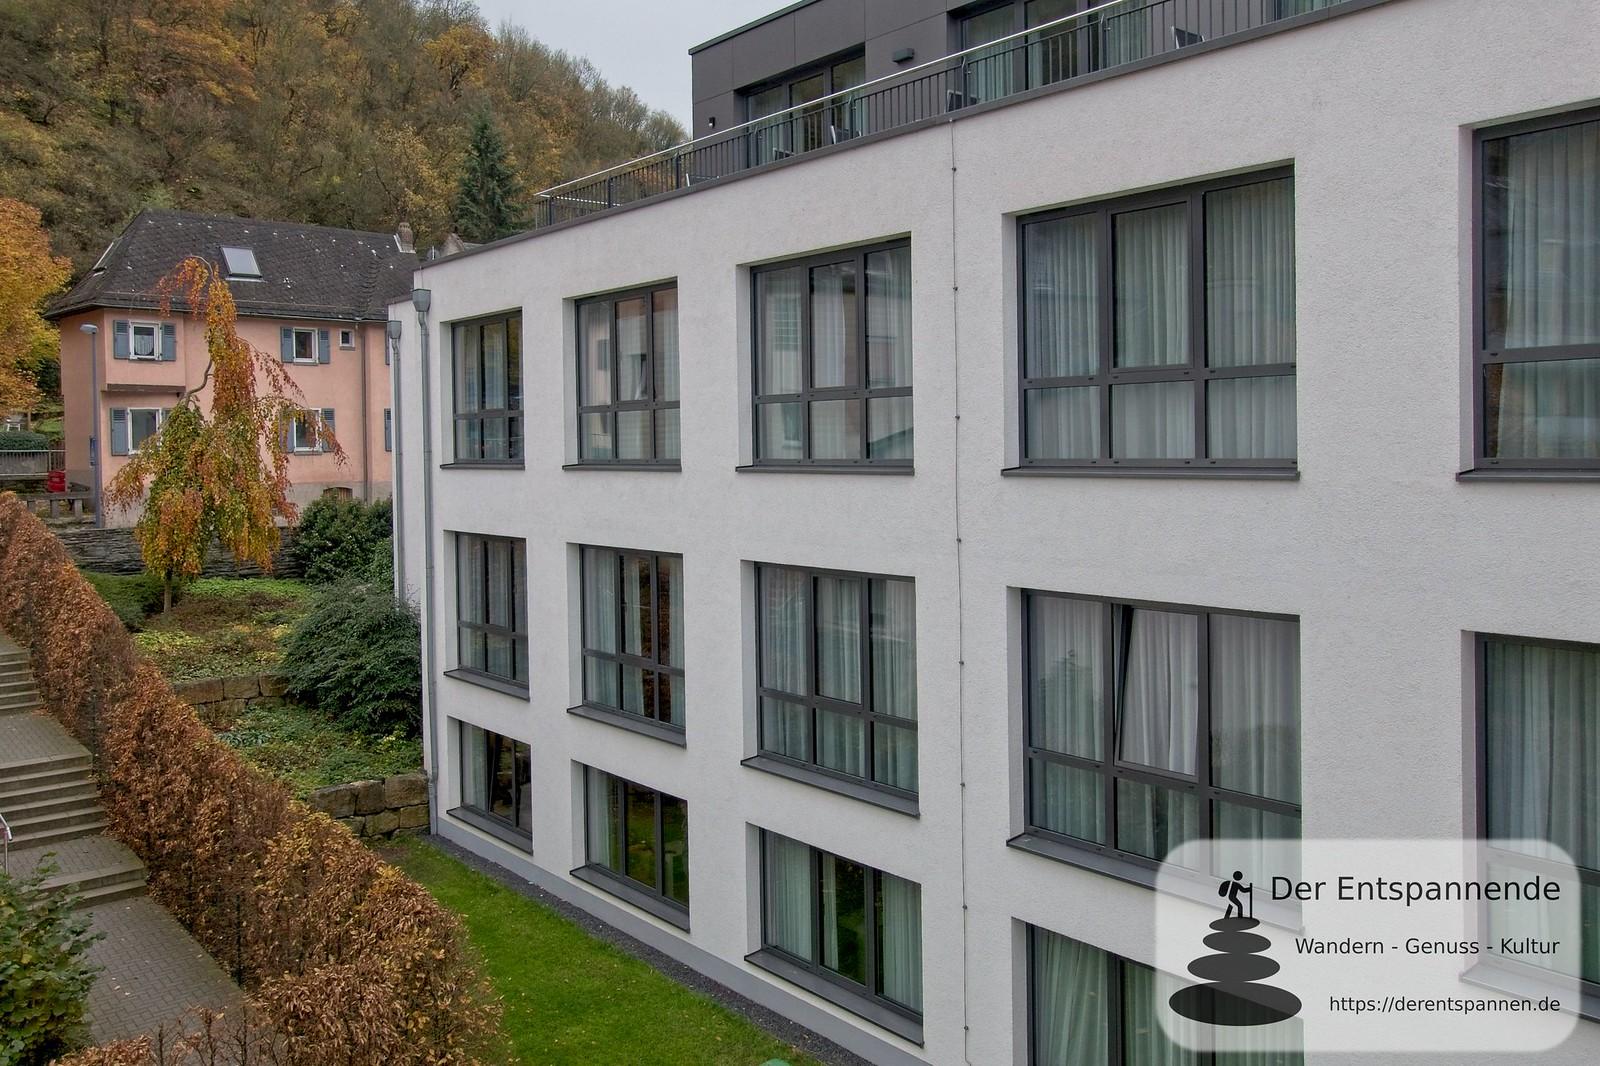 Anbau im Bauhausstil, Hotel im Schulhaus (Lorch)